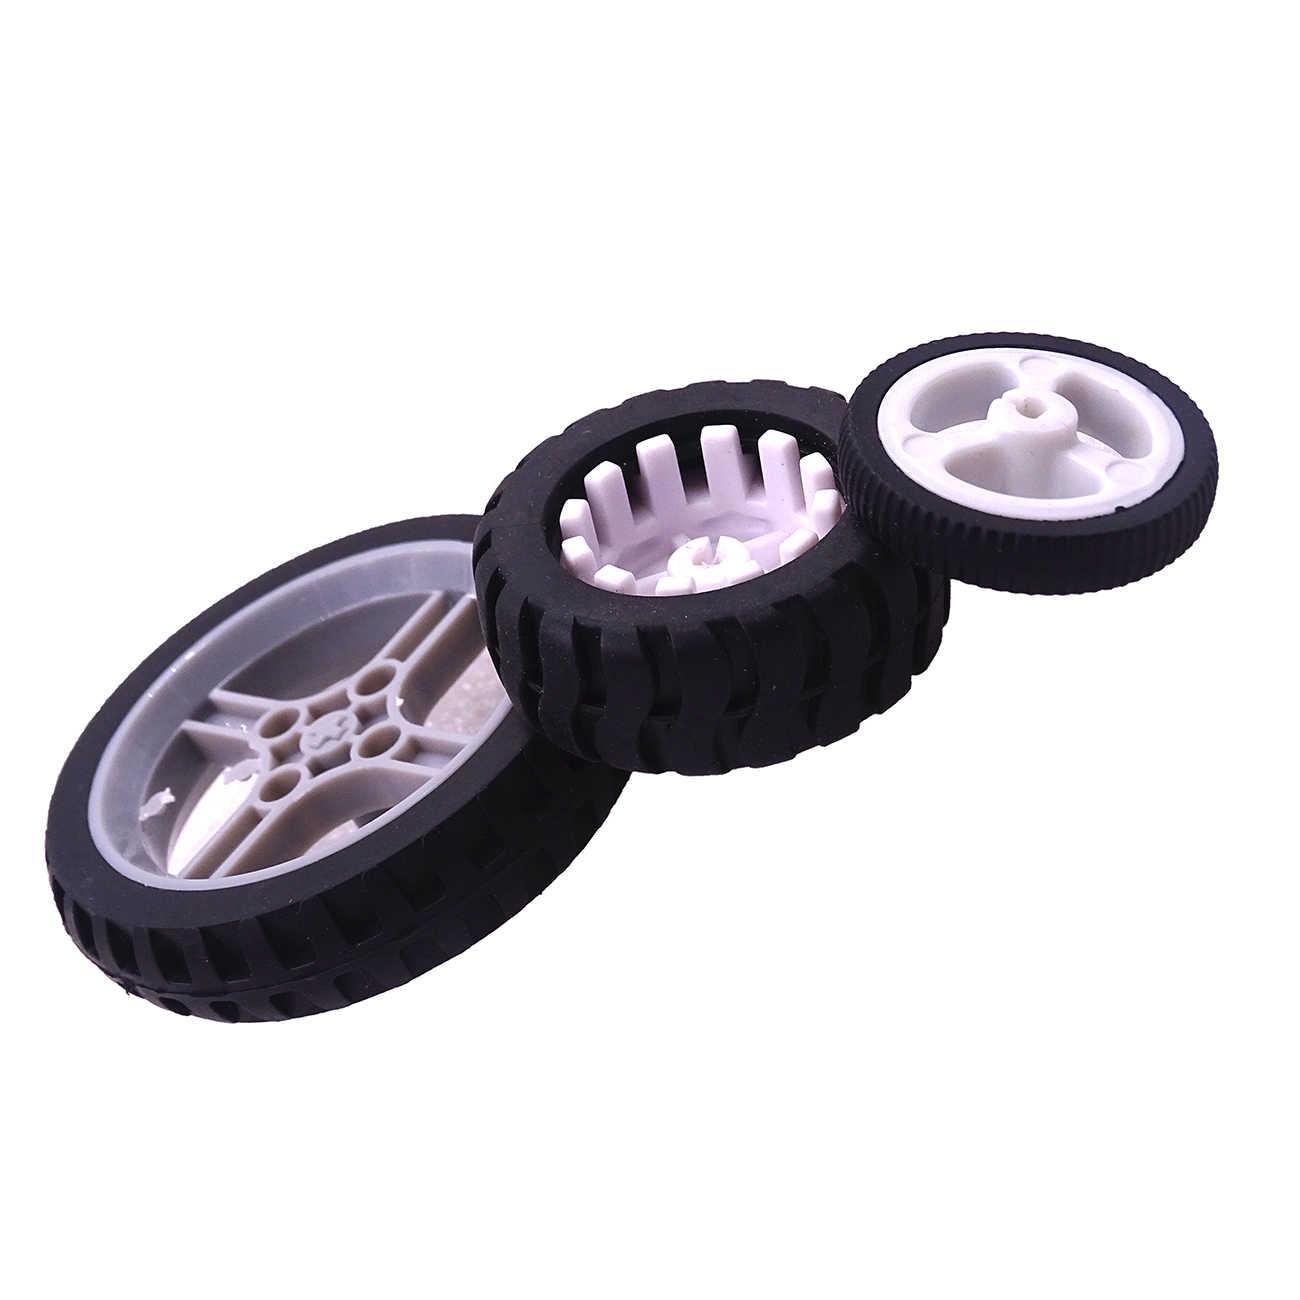 Novo design d-buraco roda de borracha adequado para n20 motor d eixo pneu carro robô brinquedos diy peças